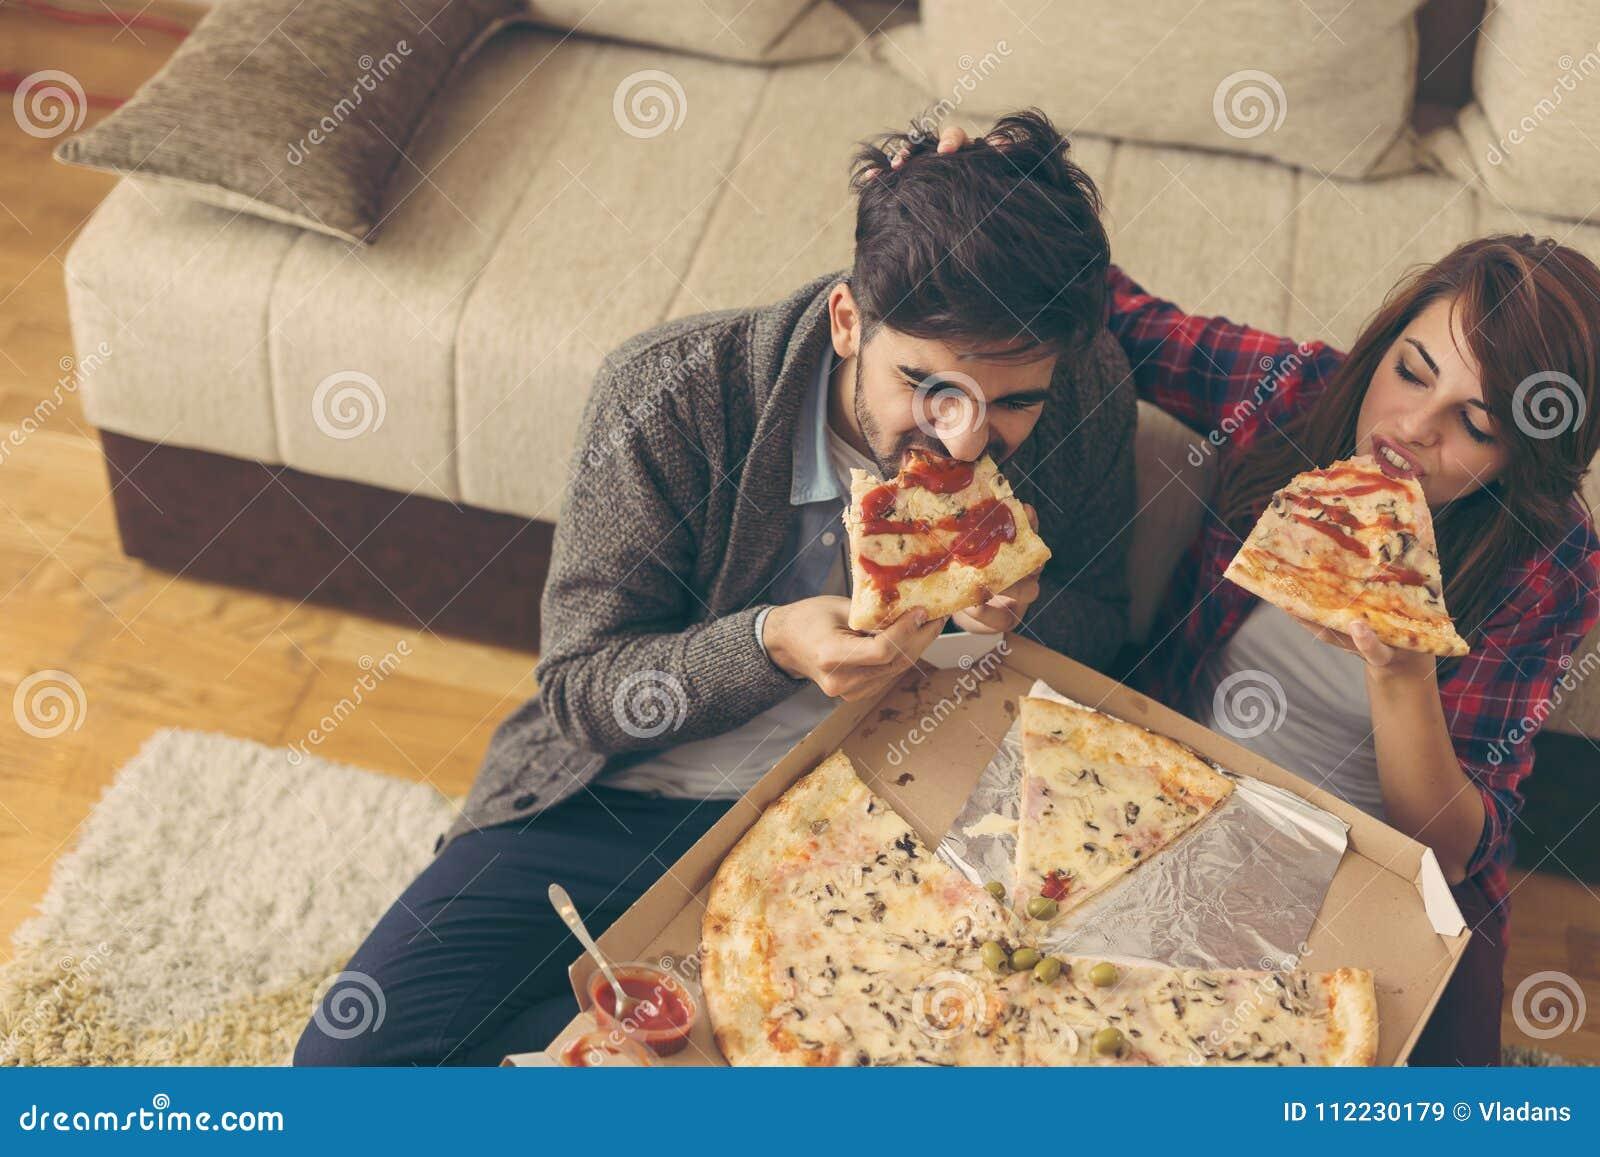 Pranzo Per Marito : Coppie che mangiano pizza per pranzo immagine stock immagine di